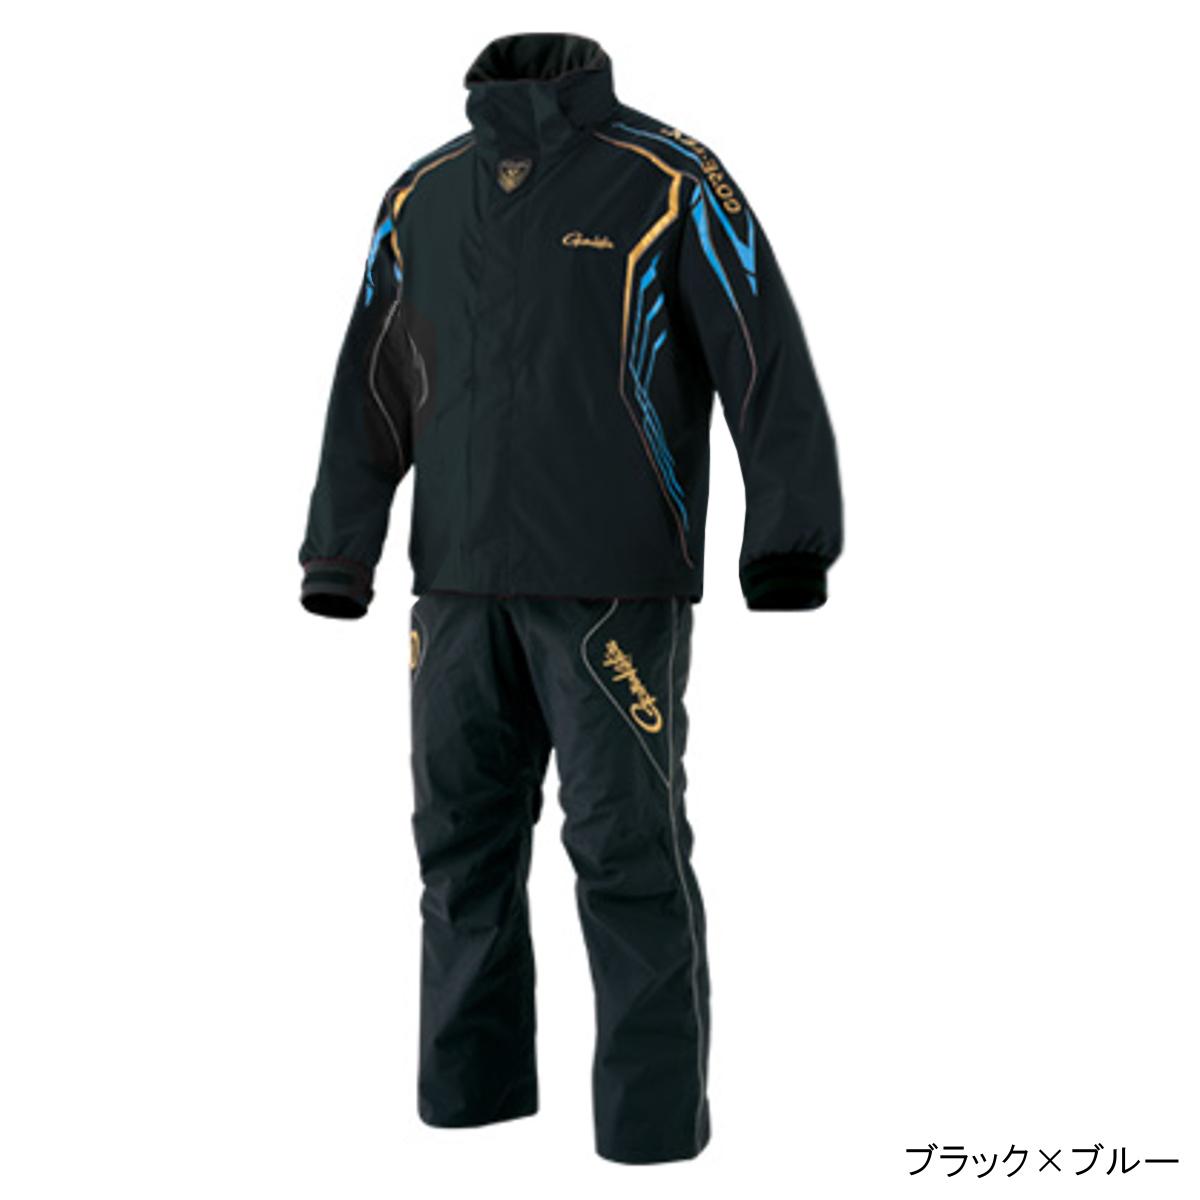 ゴアテックス レインスーツ GM-3500 M ブラック×ブルー(東日本店)